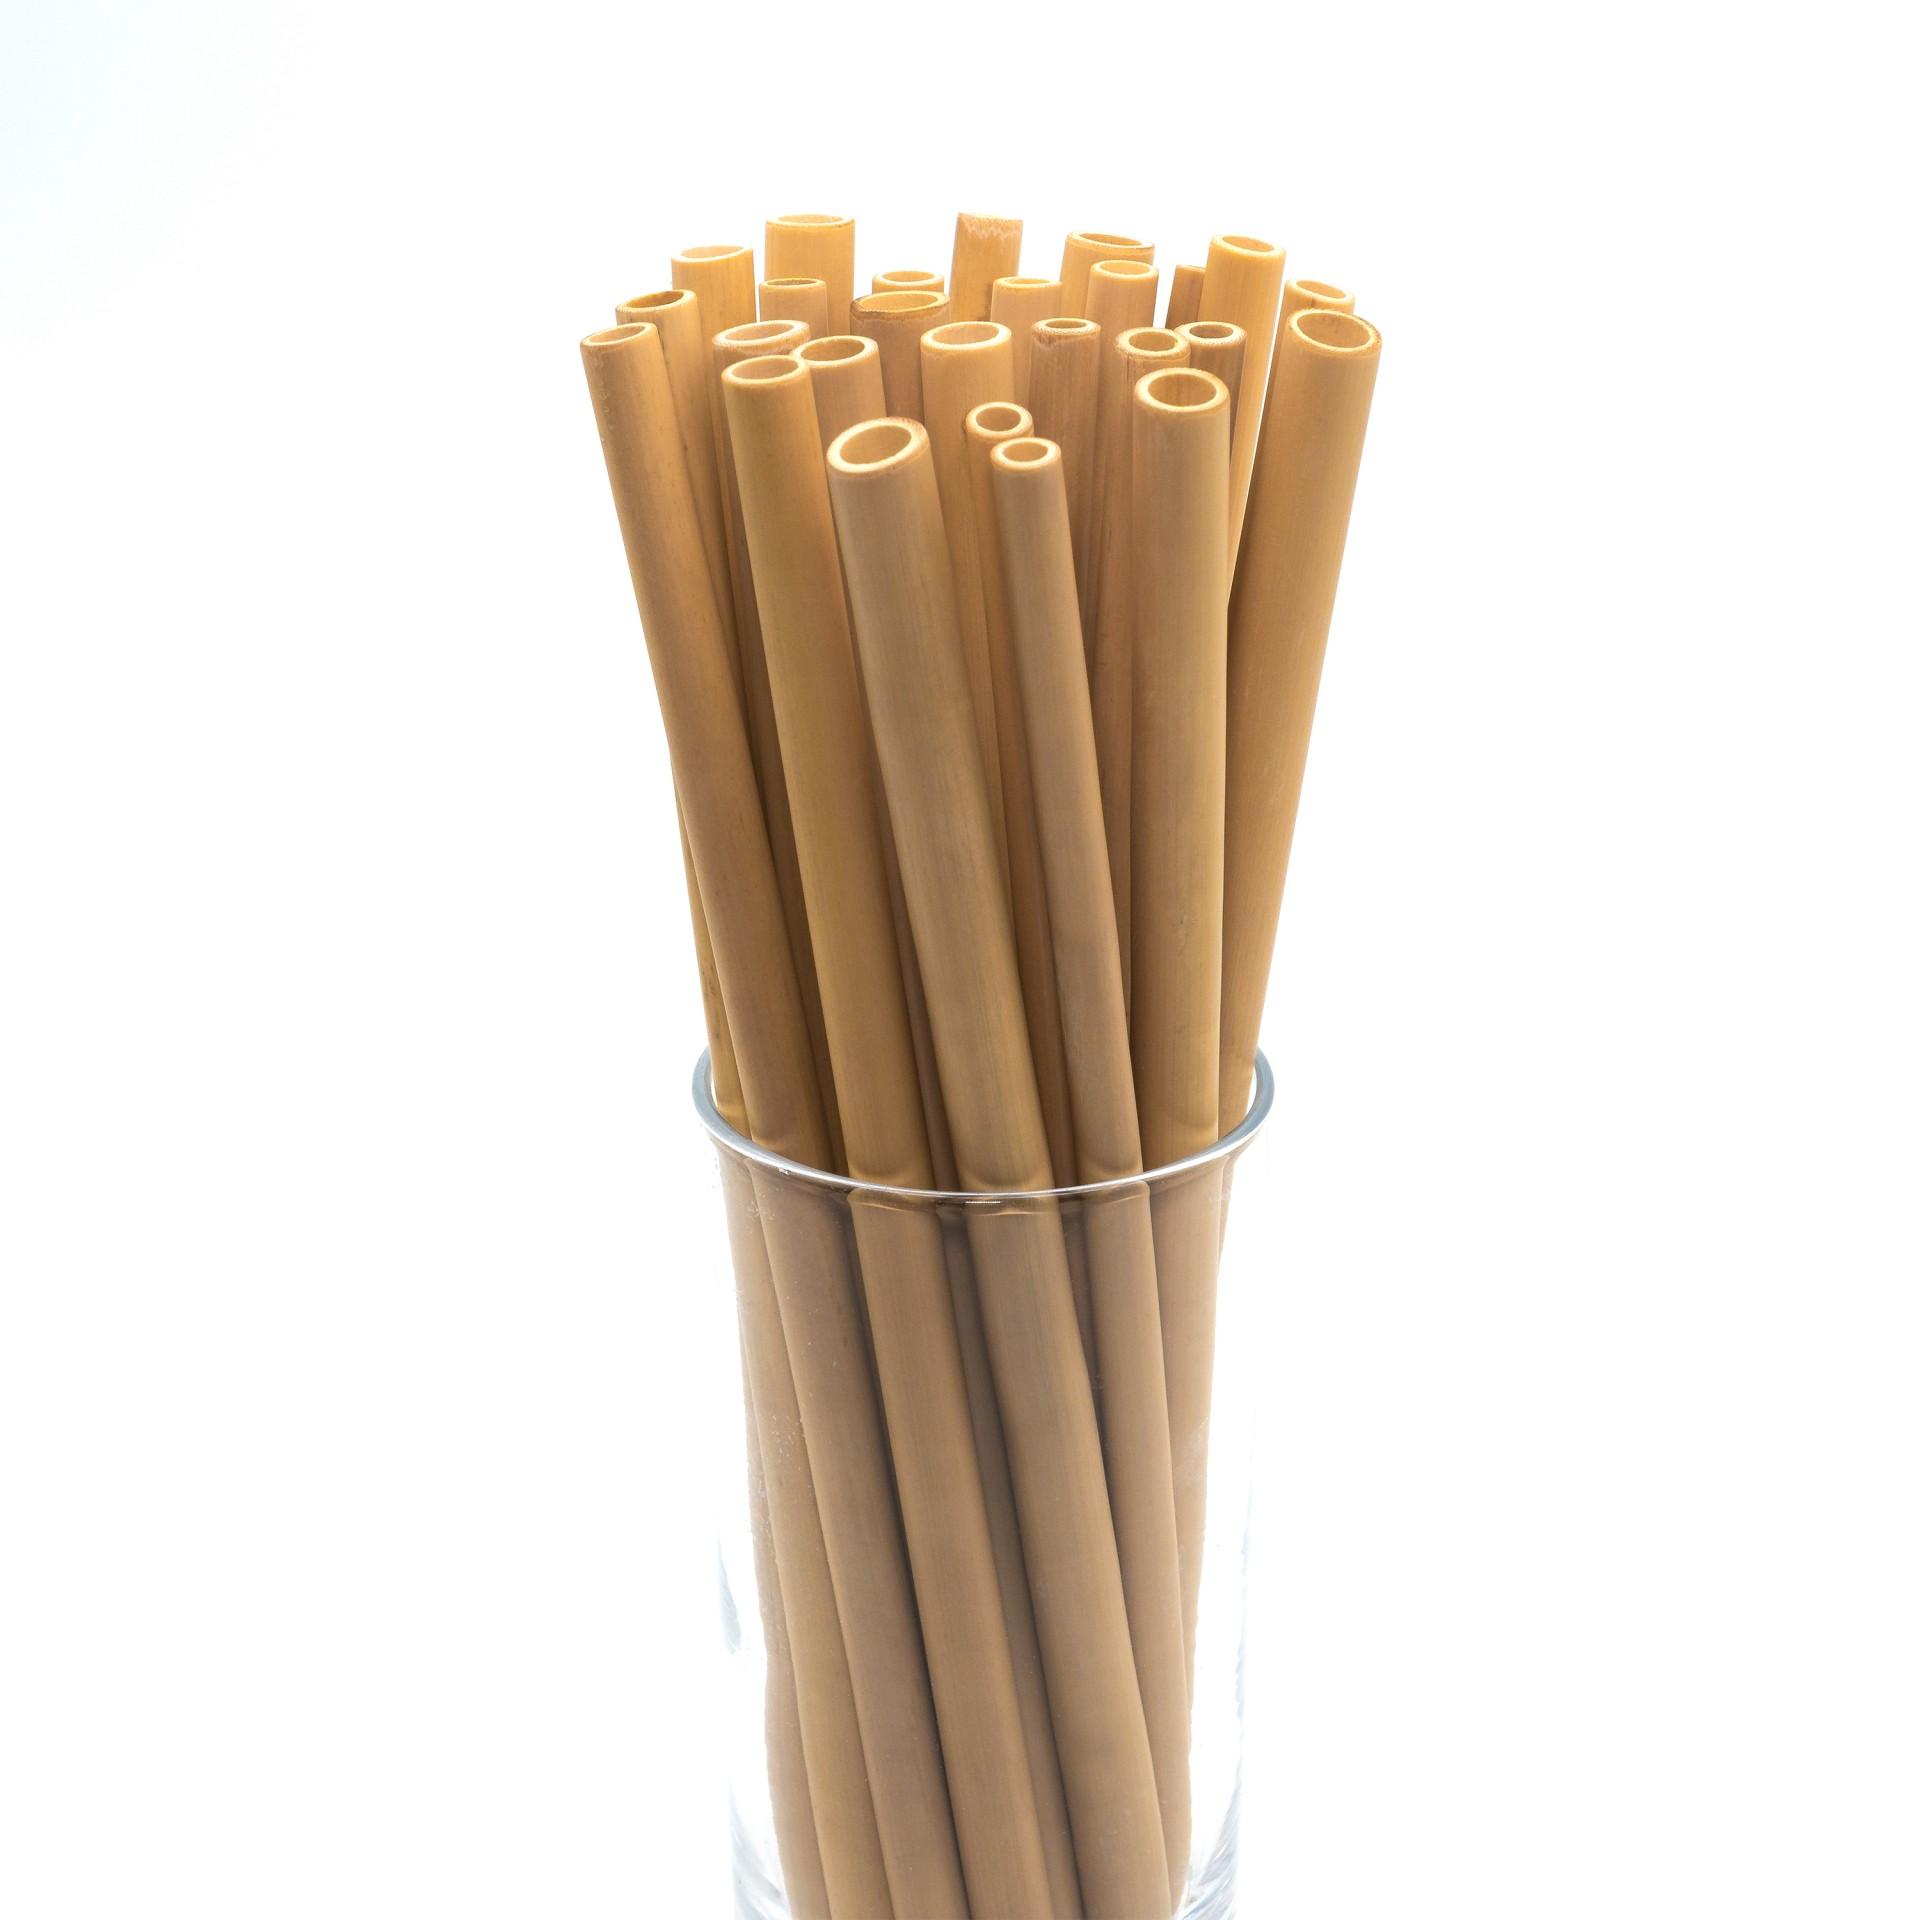 50 CANAS DE BAMBU NATURAL / NATURAL BAMBOO STRAWS _ Set of 50